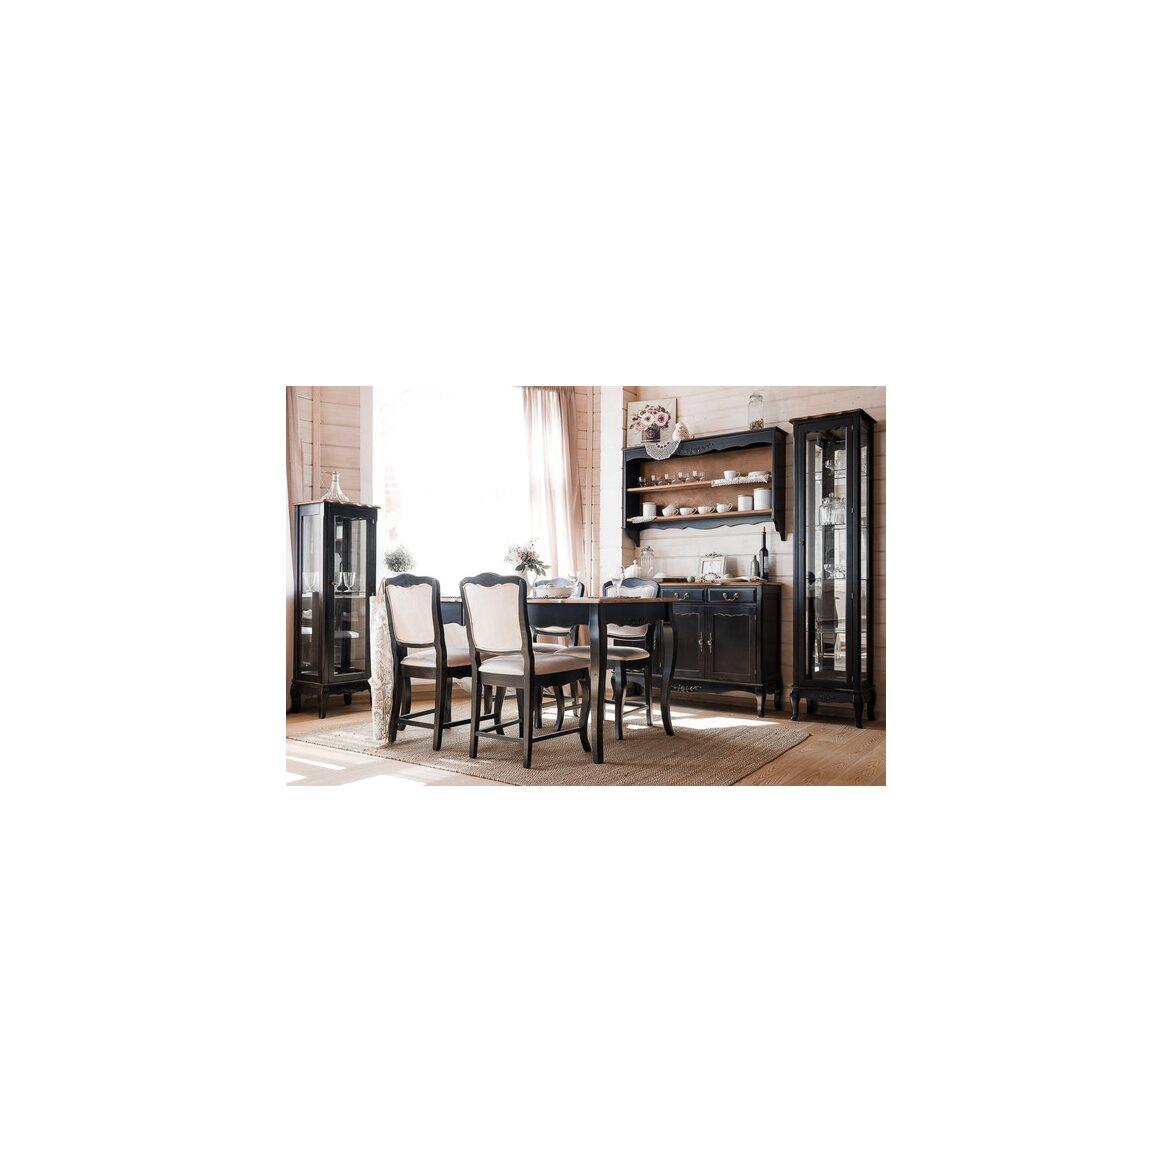 Стеклянная витрина на 3 полки (низкая) Leontina, черного цвета 2 | Витрины Kingsby